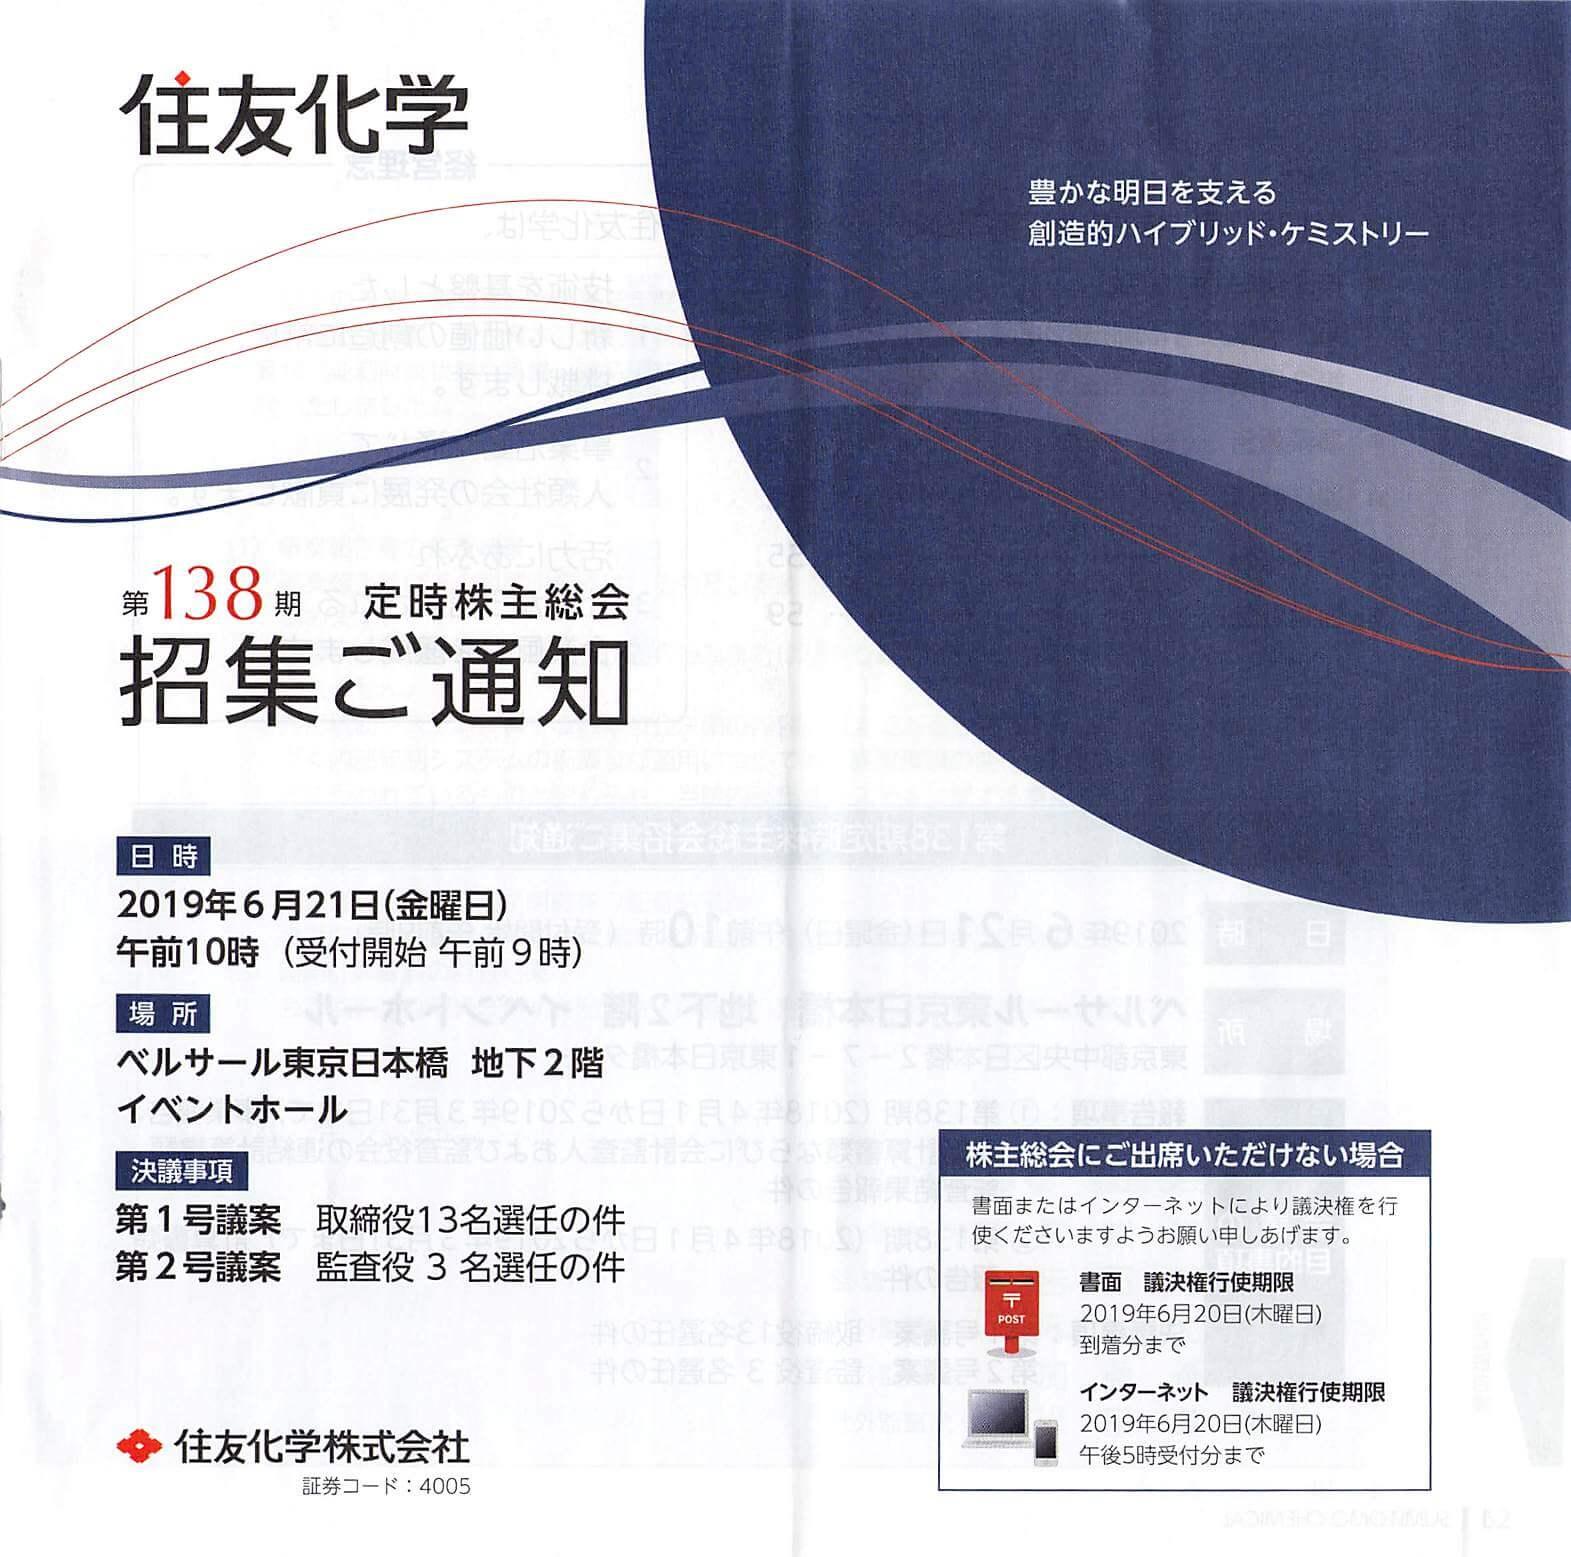 住友化学(4005)の株主関係書類